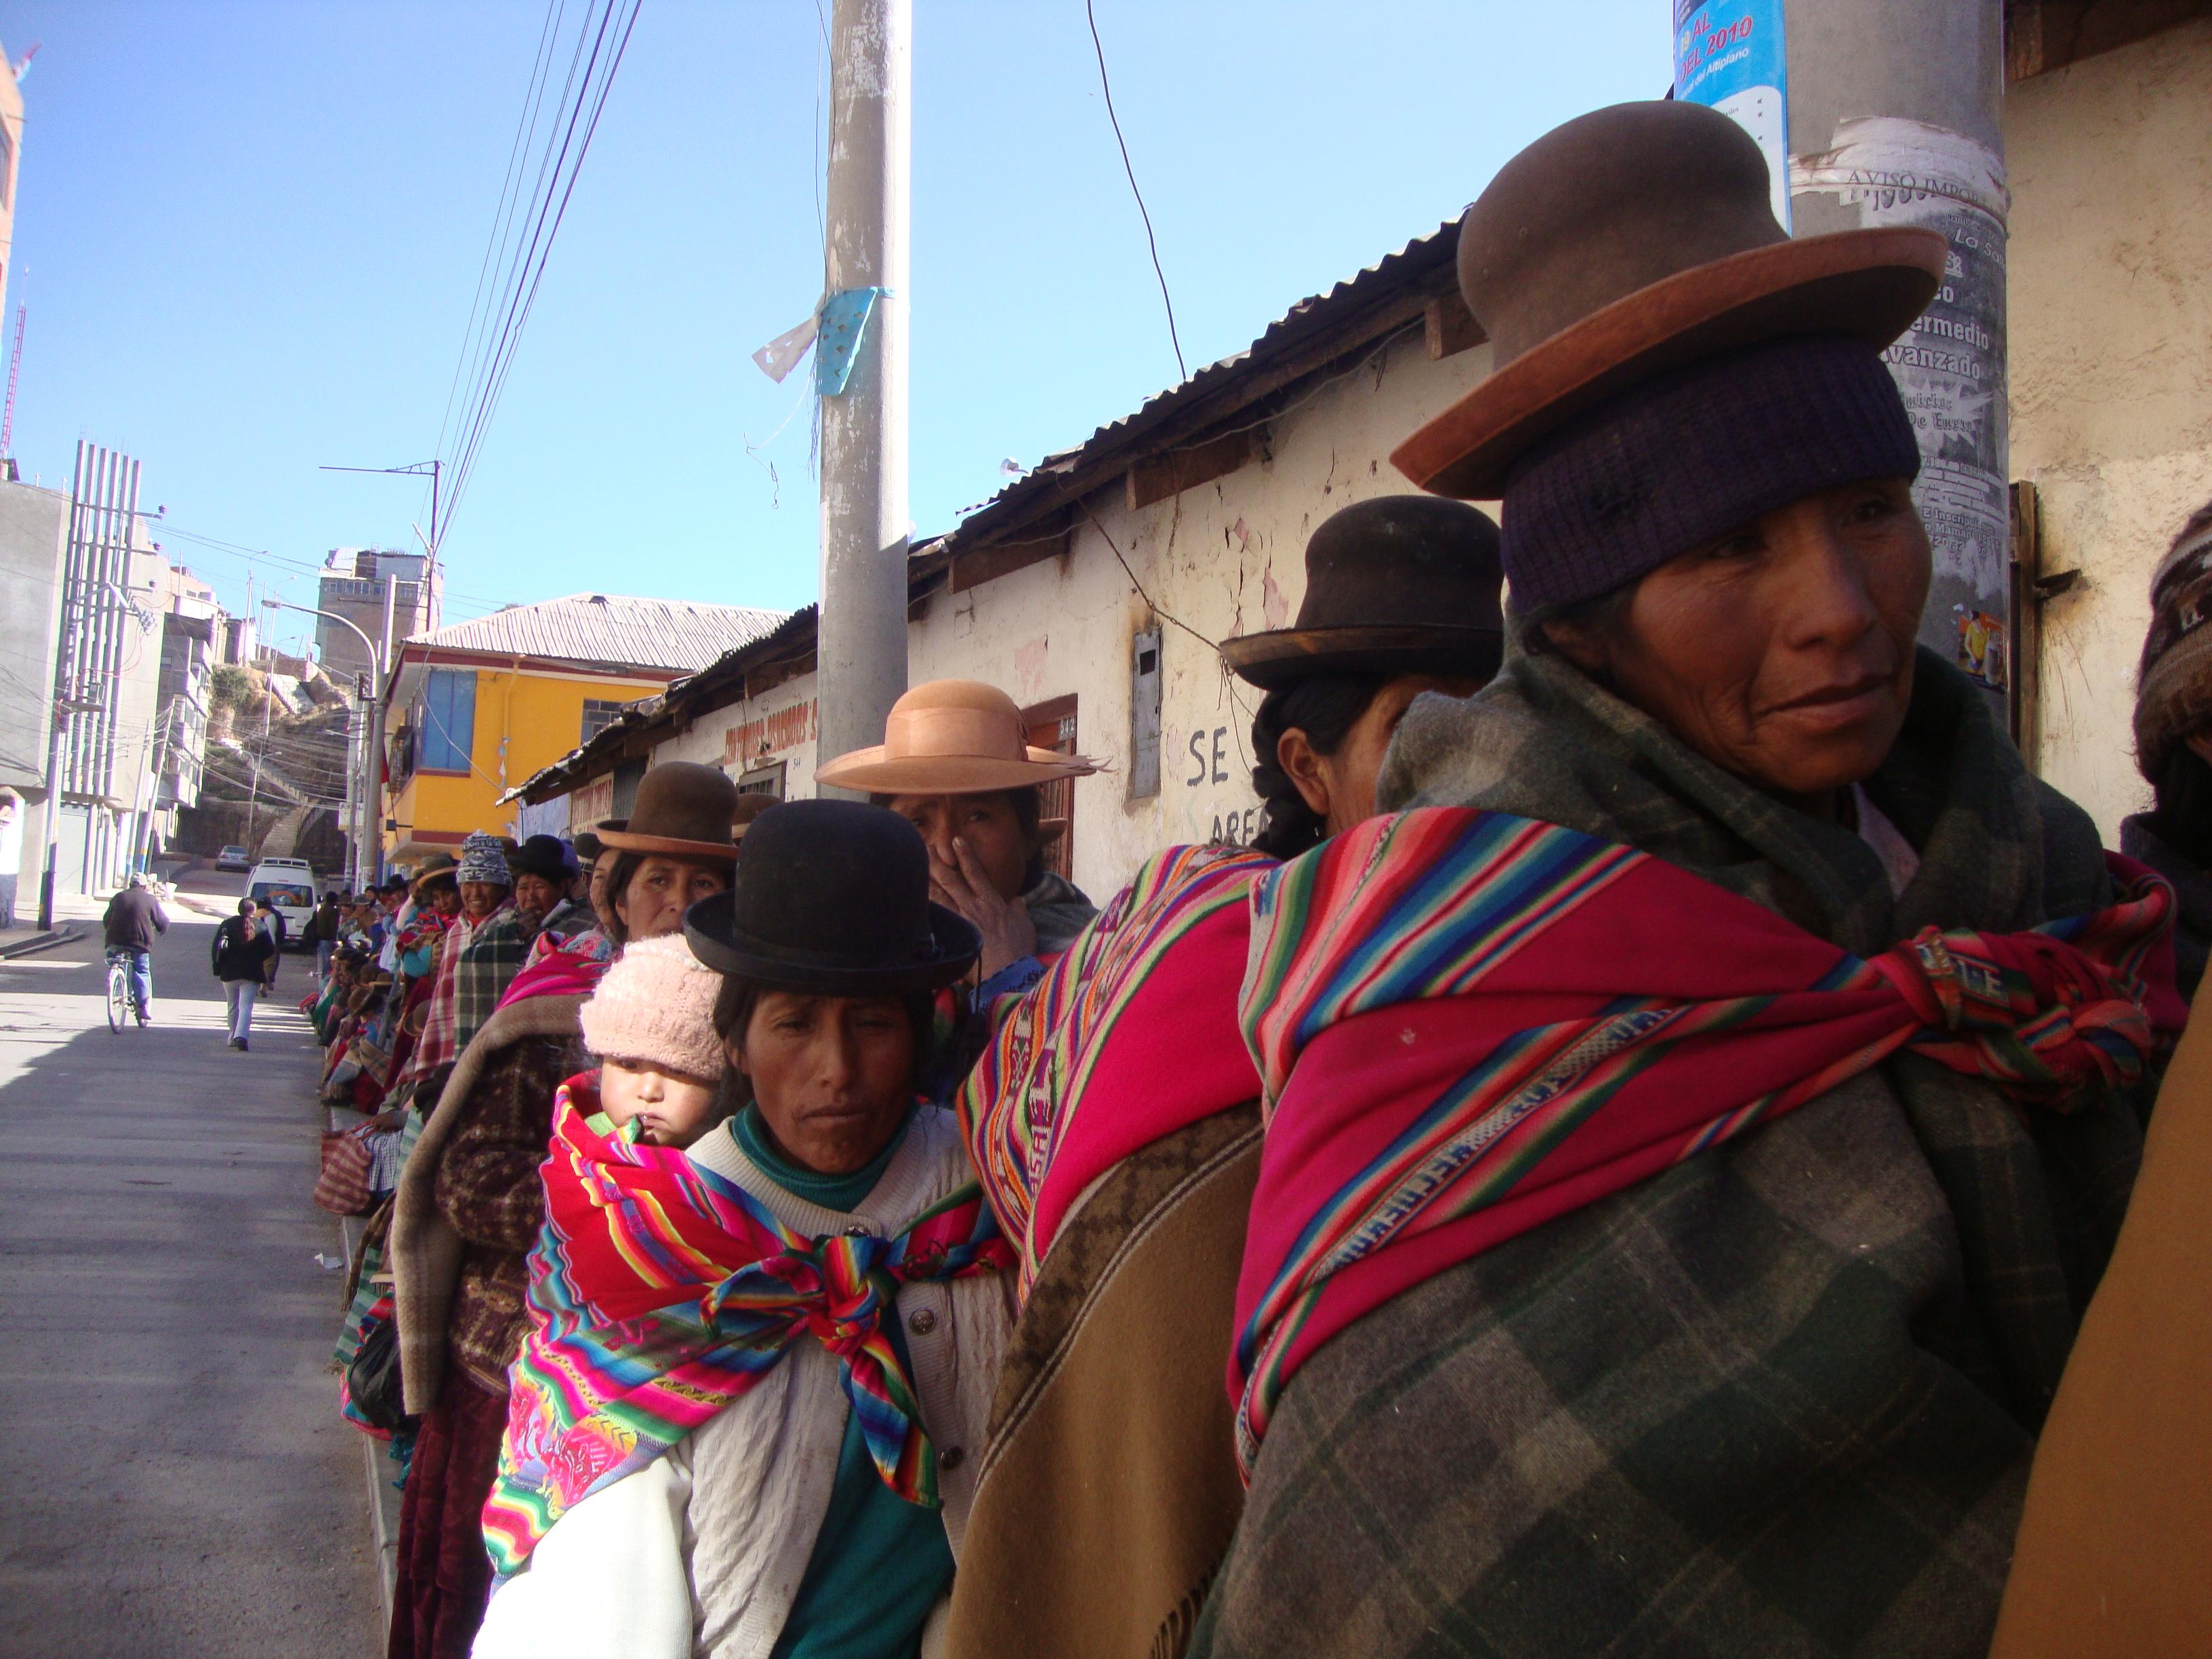 Indigenous peoples in Ecuador